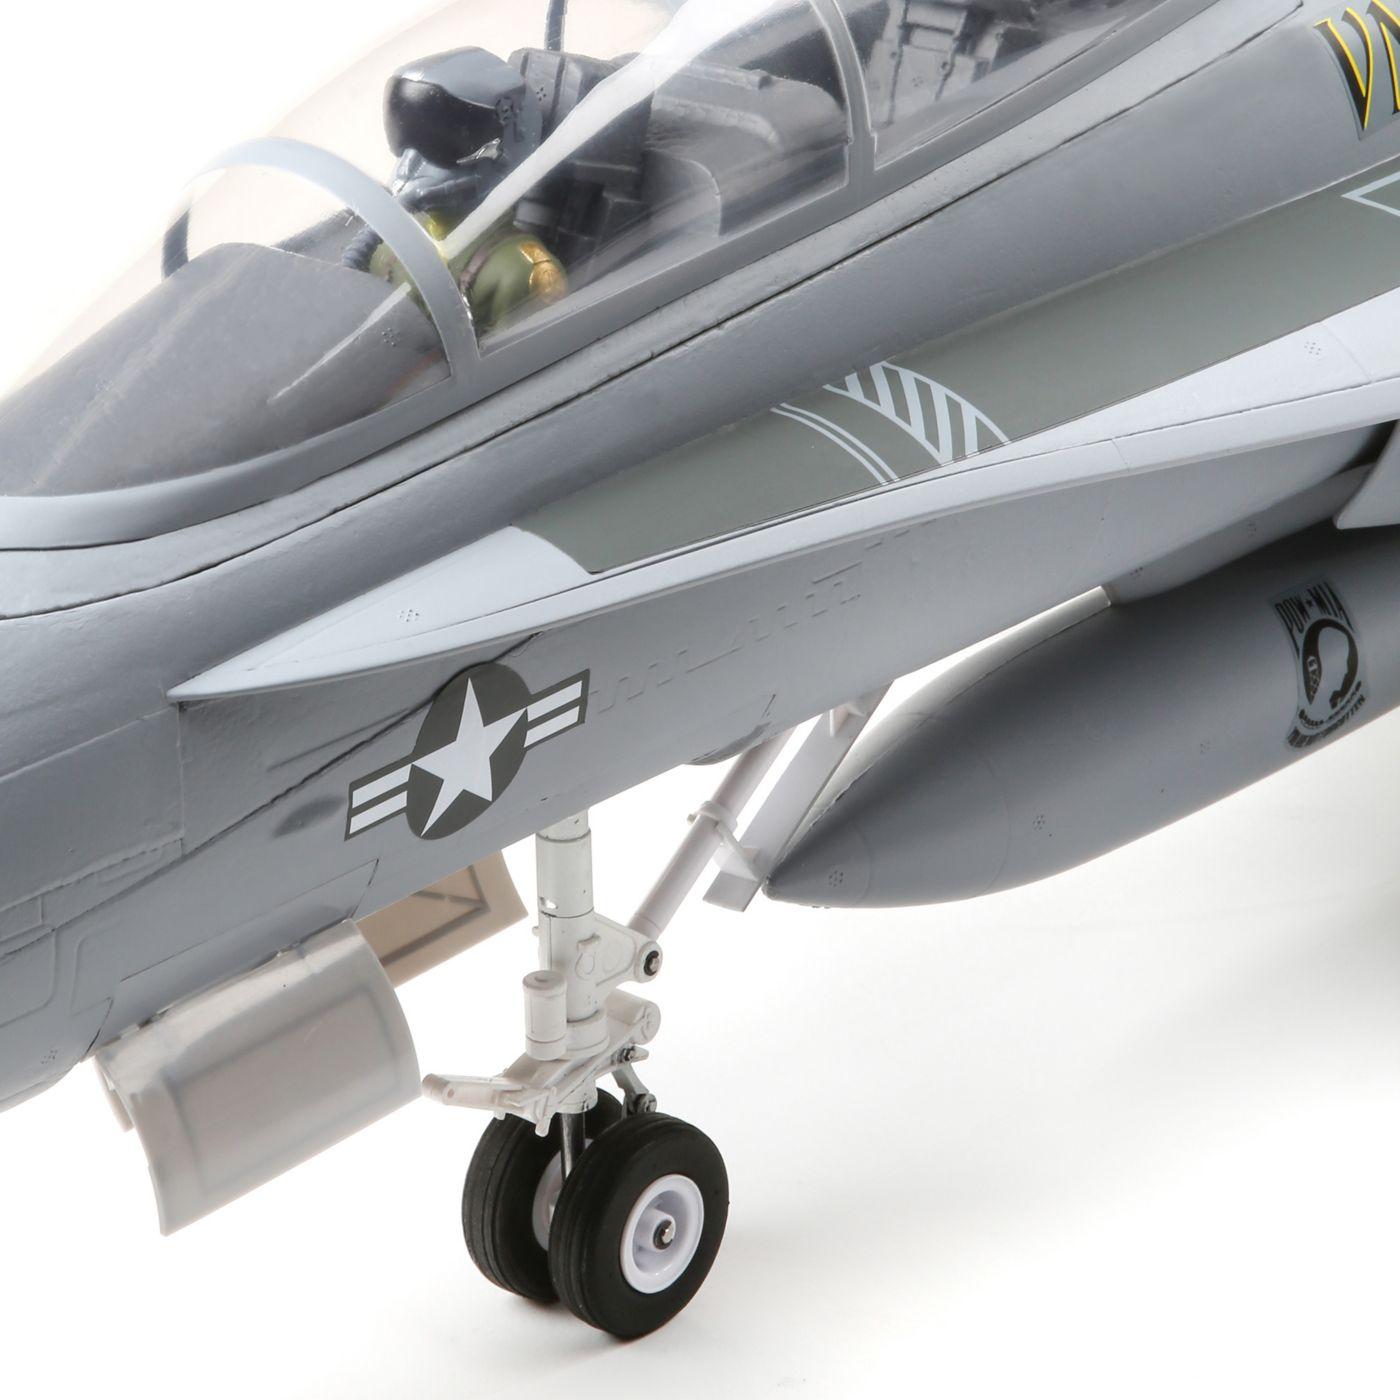 E-flite F-18 Hornet Jet EDF BNF Basic Safe 10